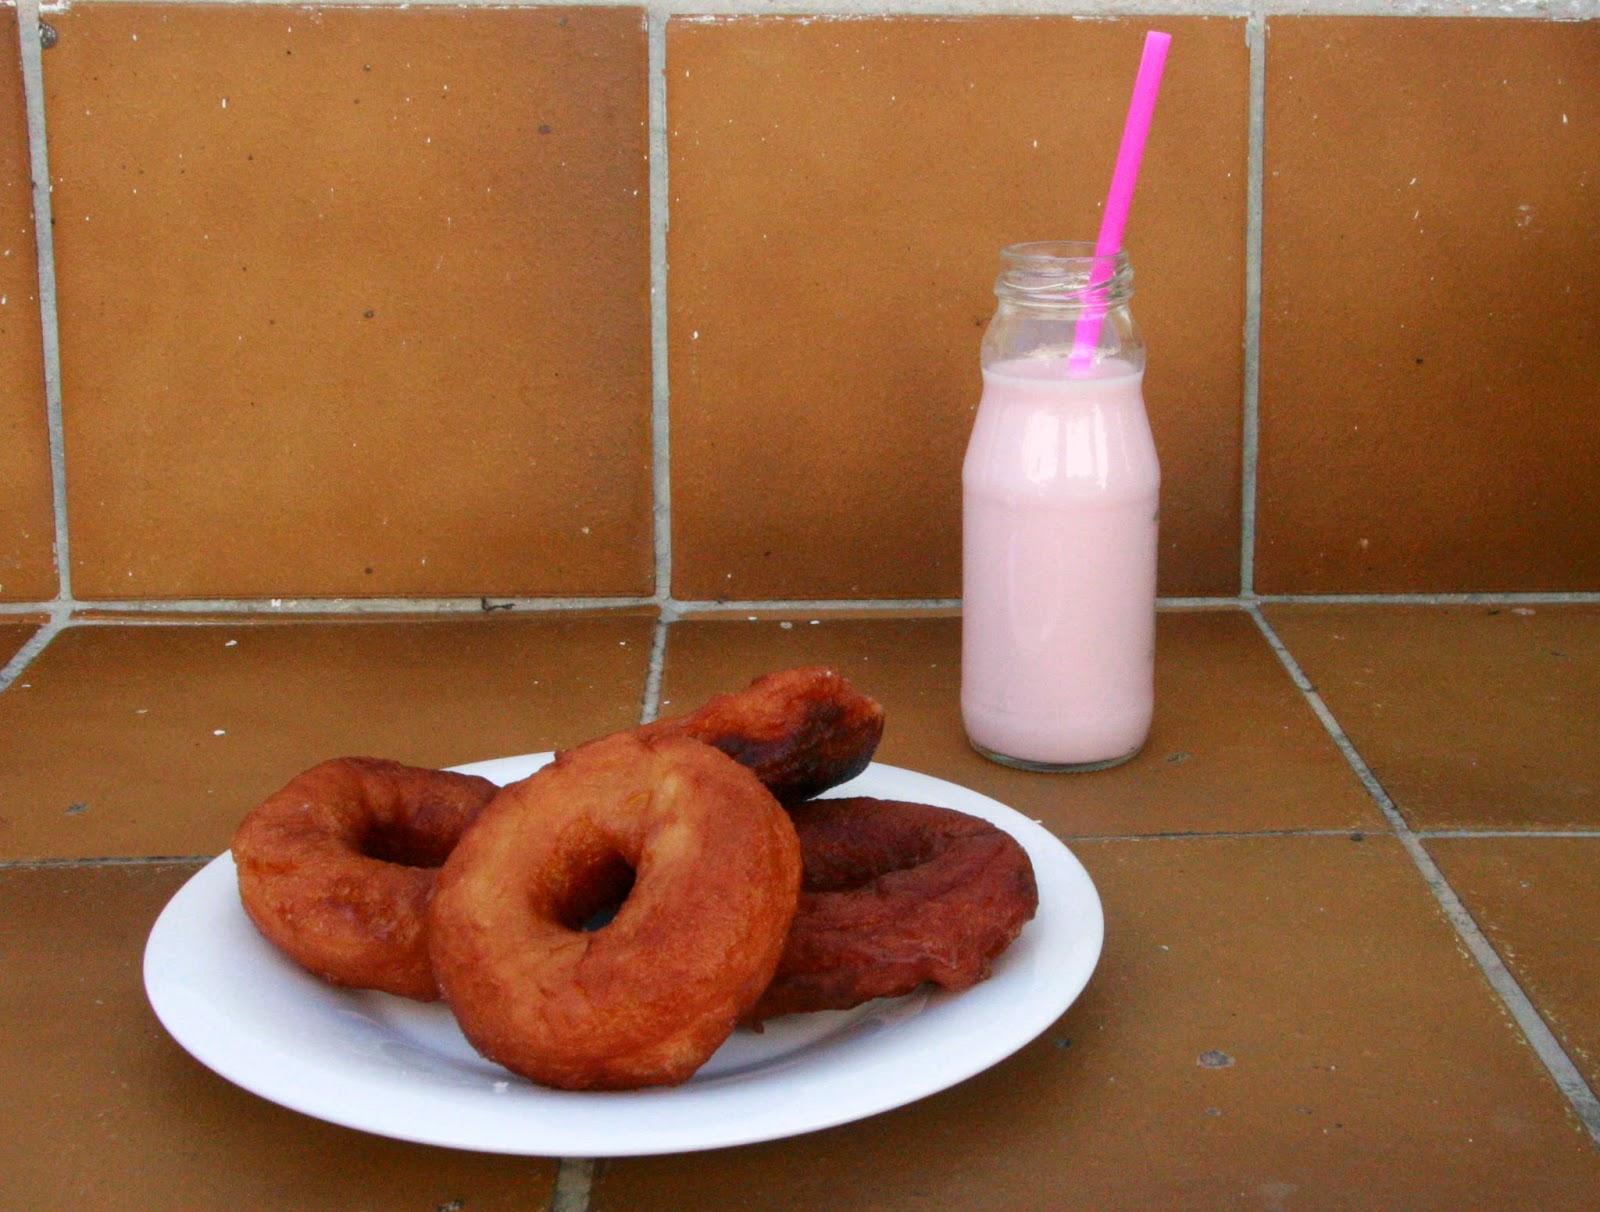 Donuts casolans per esmorzar